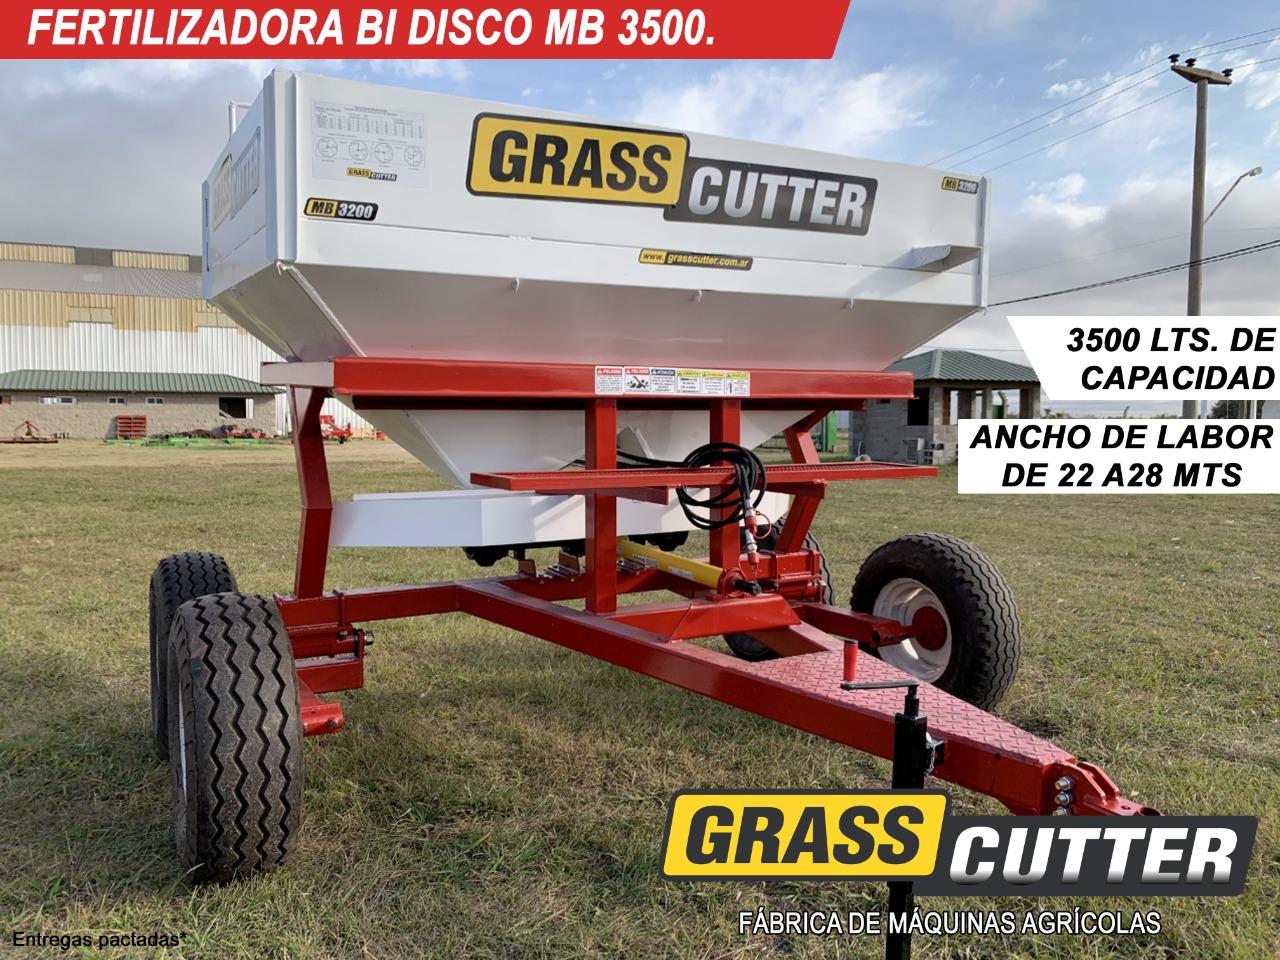 FERTILIZADORA GRASS-CUTTER MB 3500